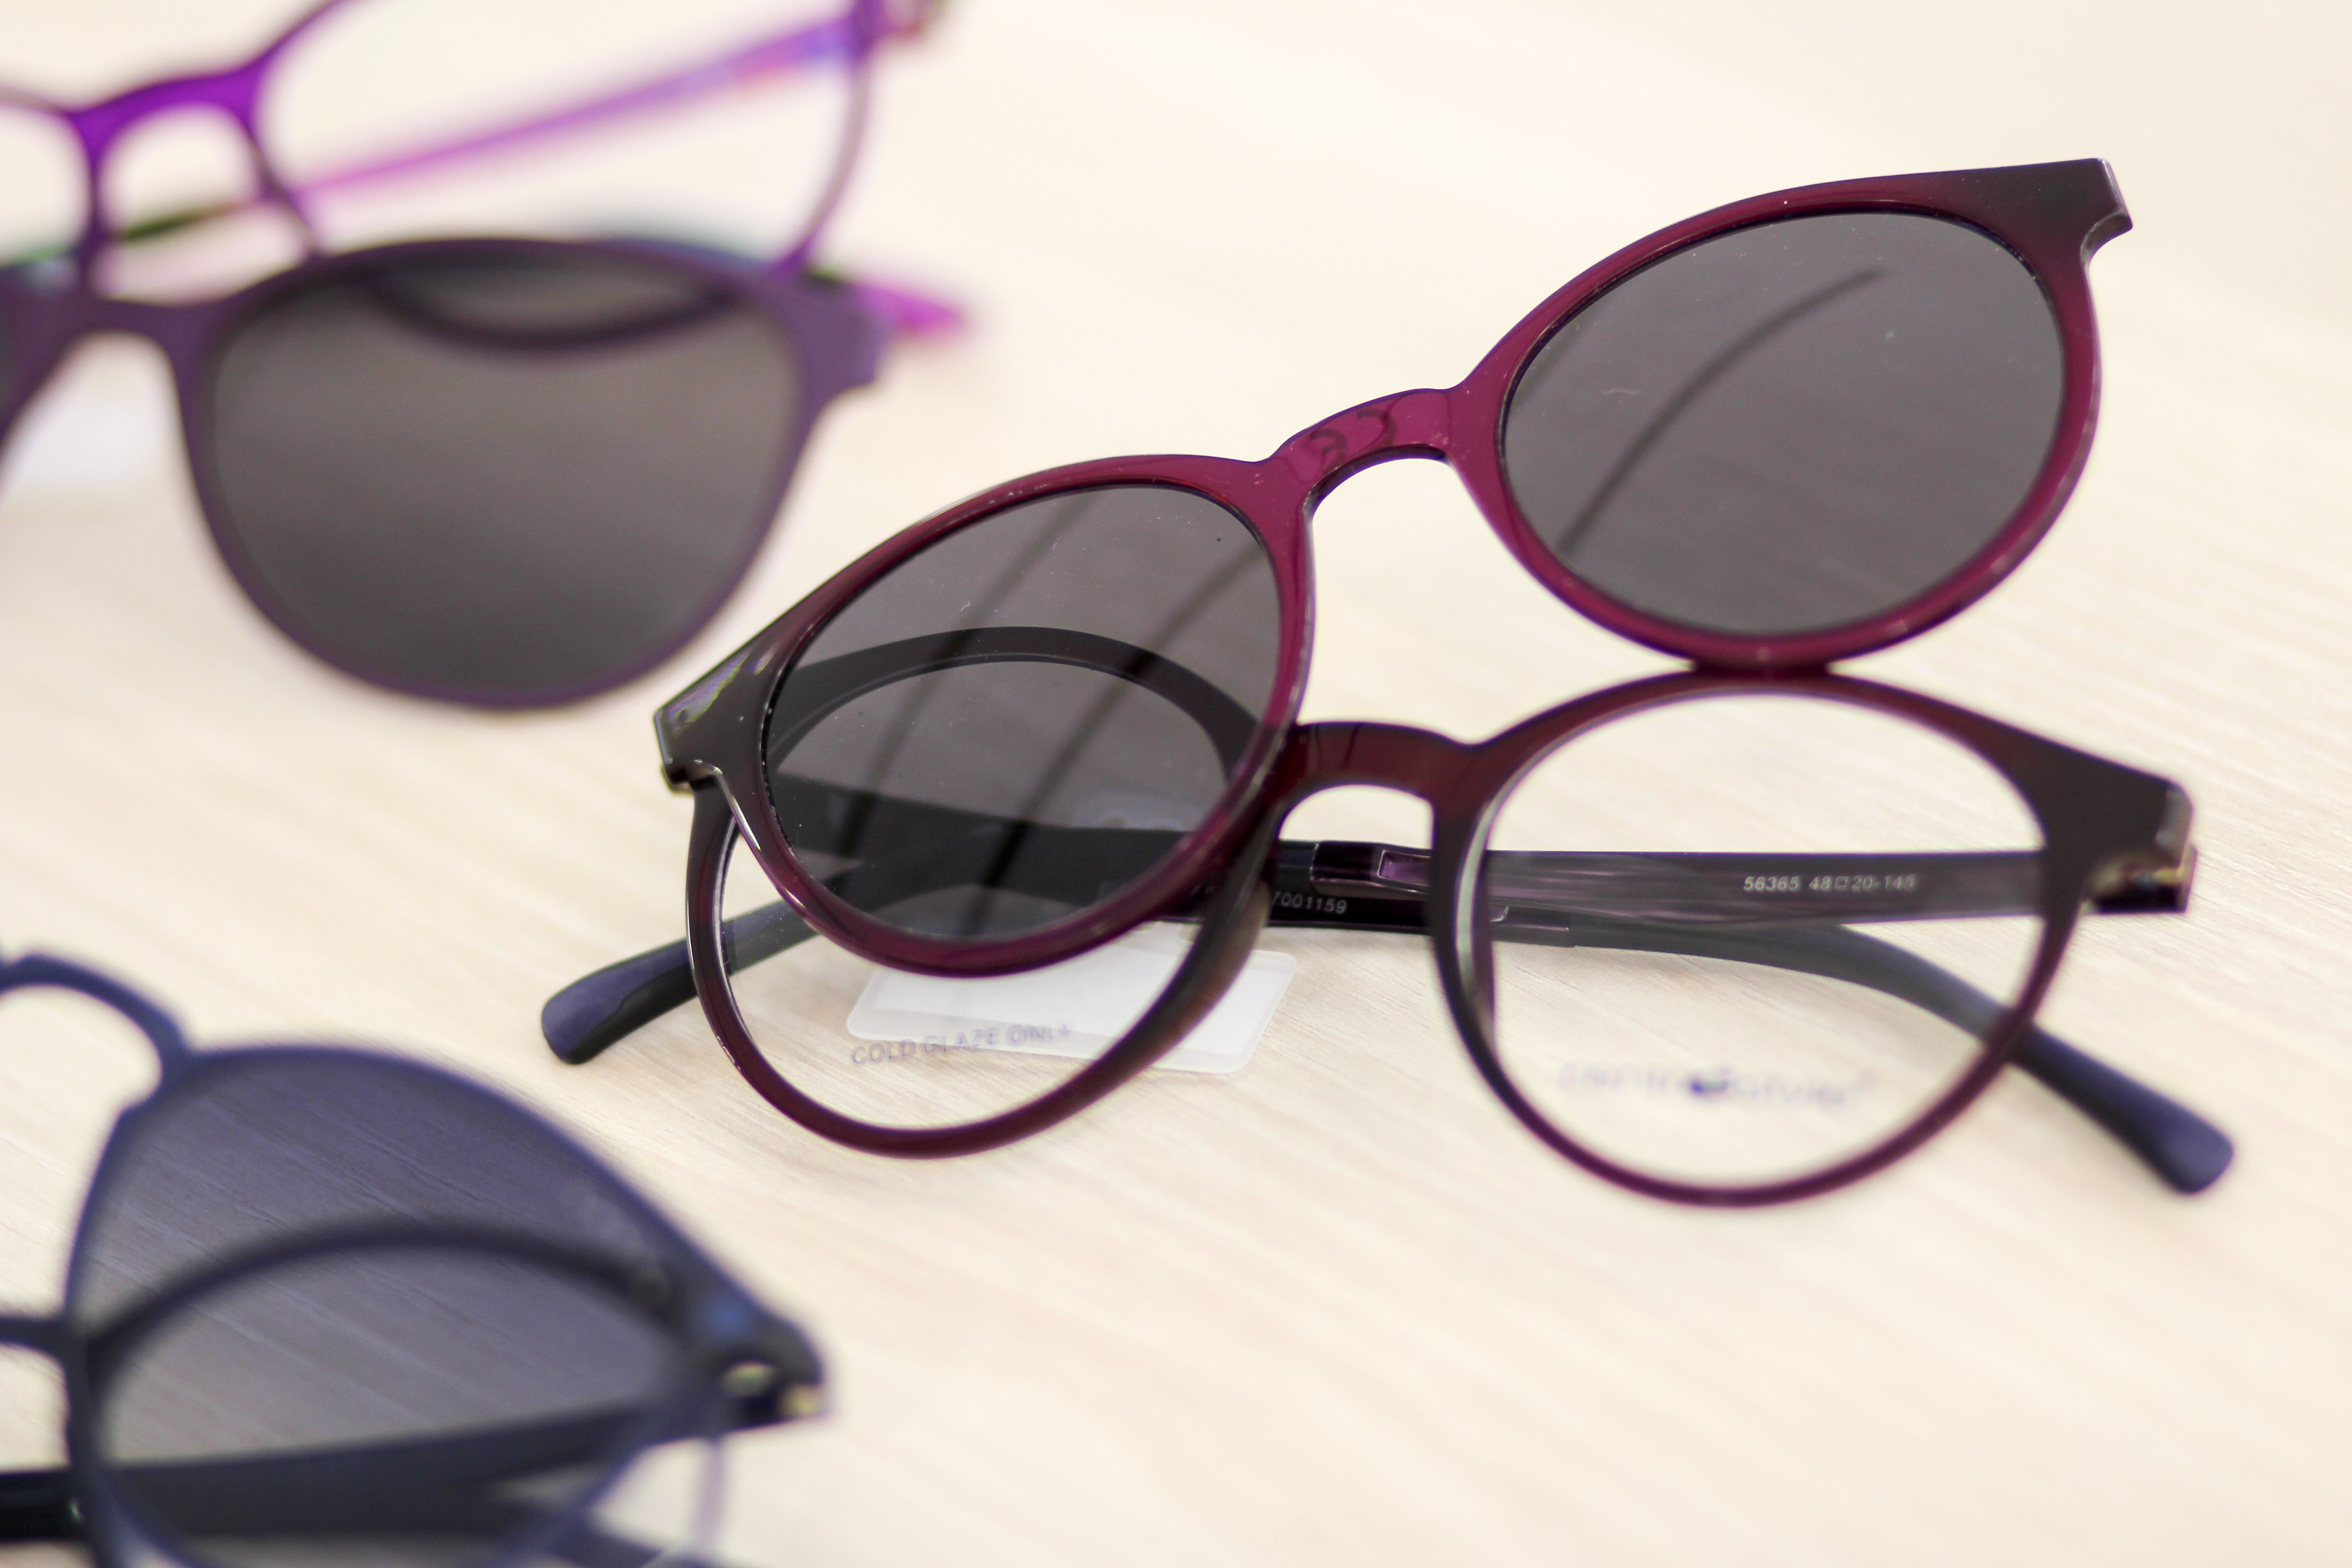 Oferta en gafas de sol sin graduar en Arganzuela, Madrid